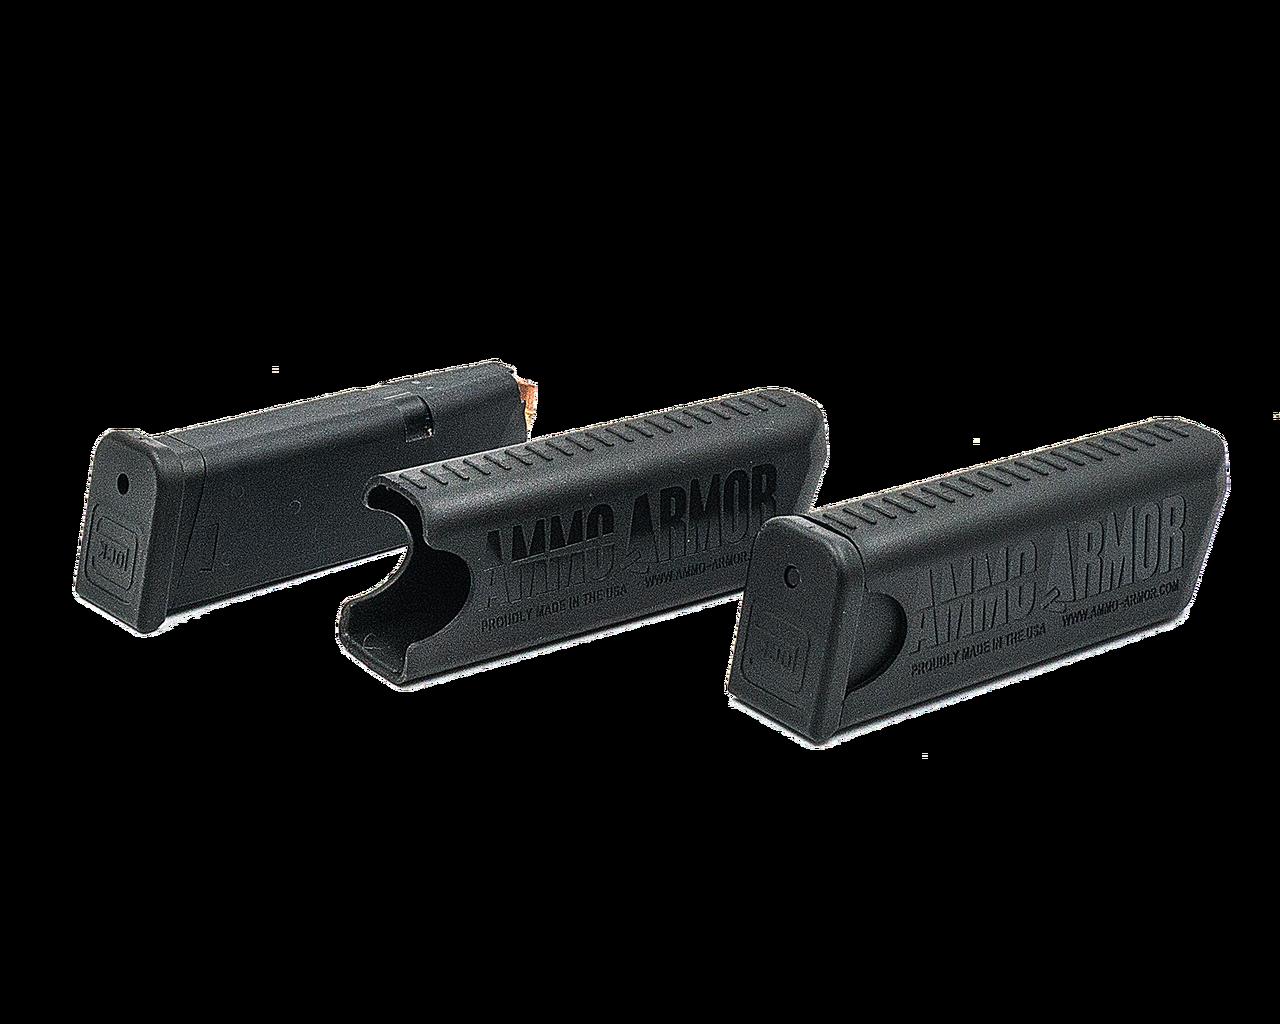 Kahr MK40 Ammo Armor